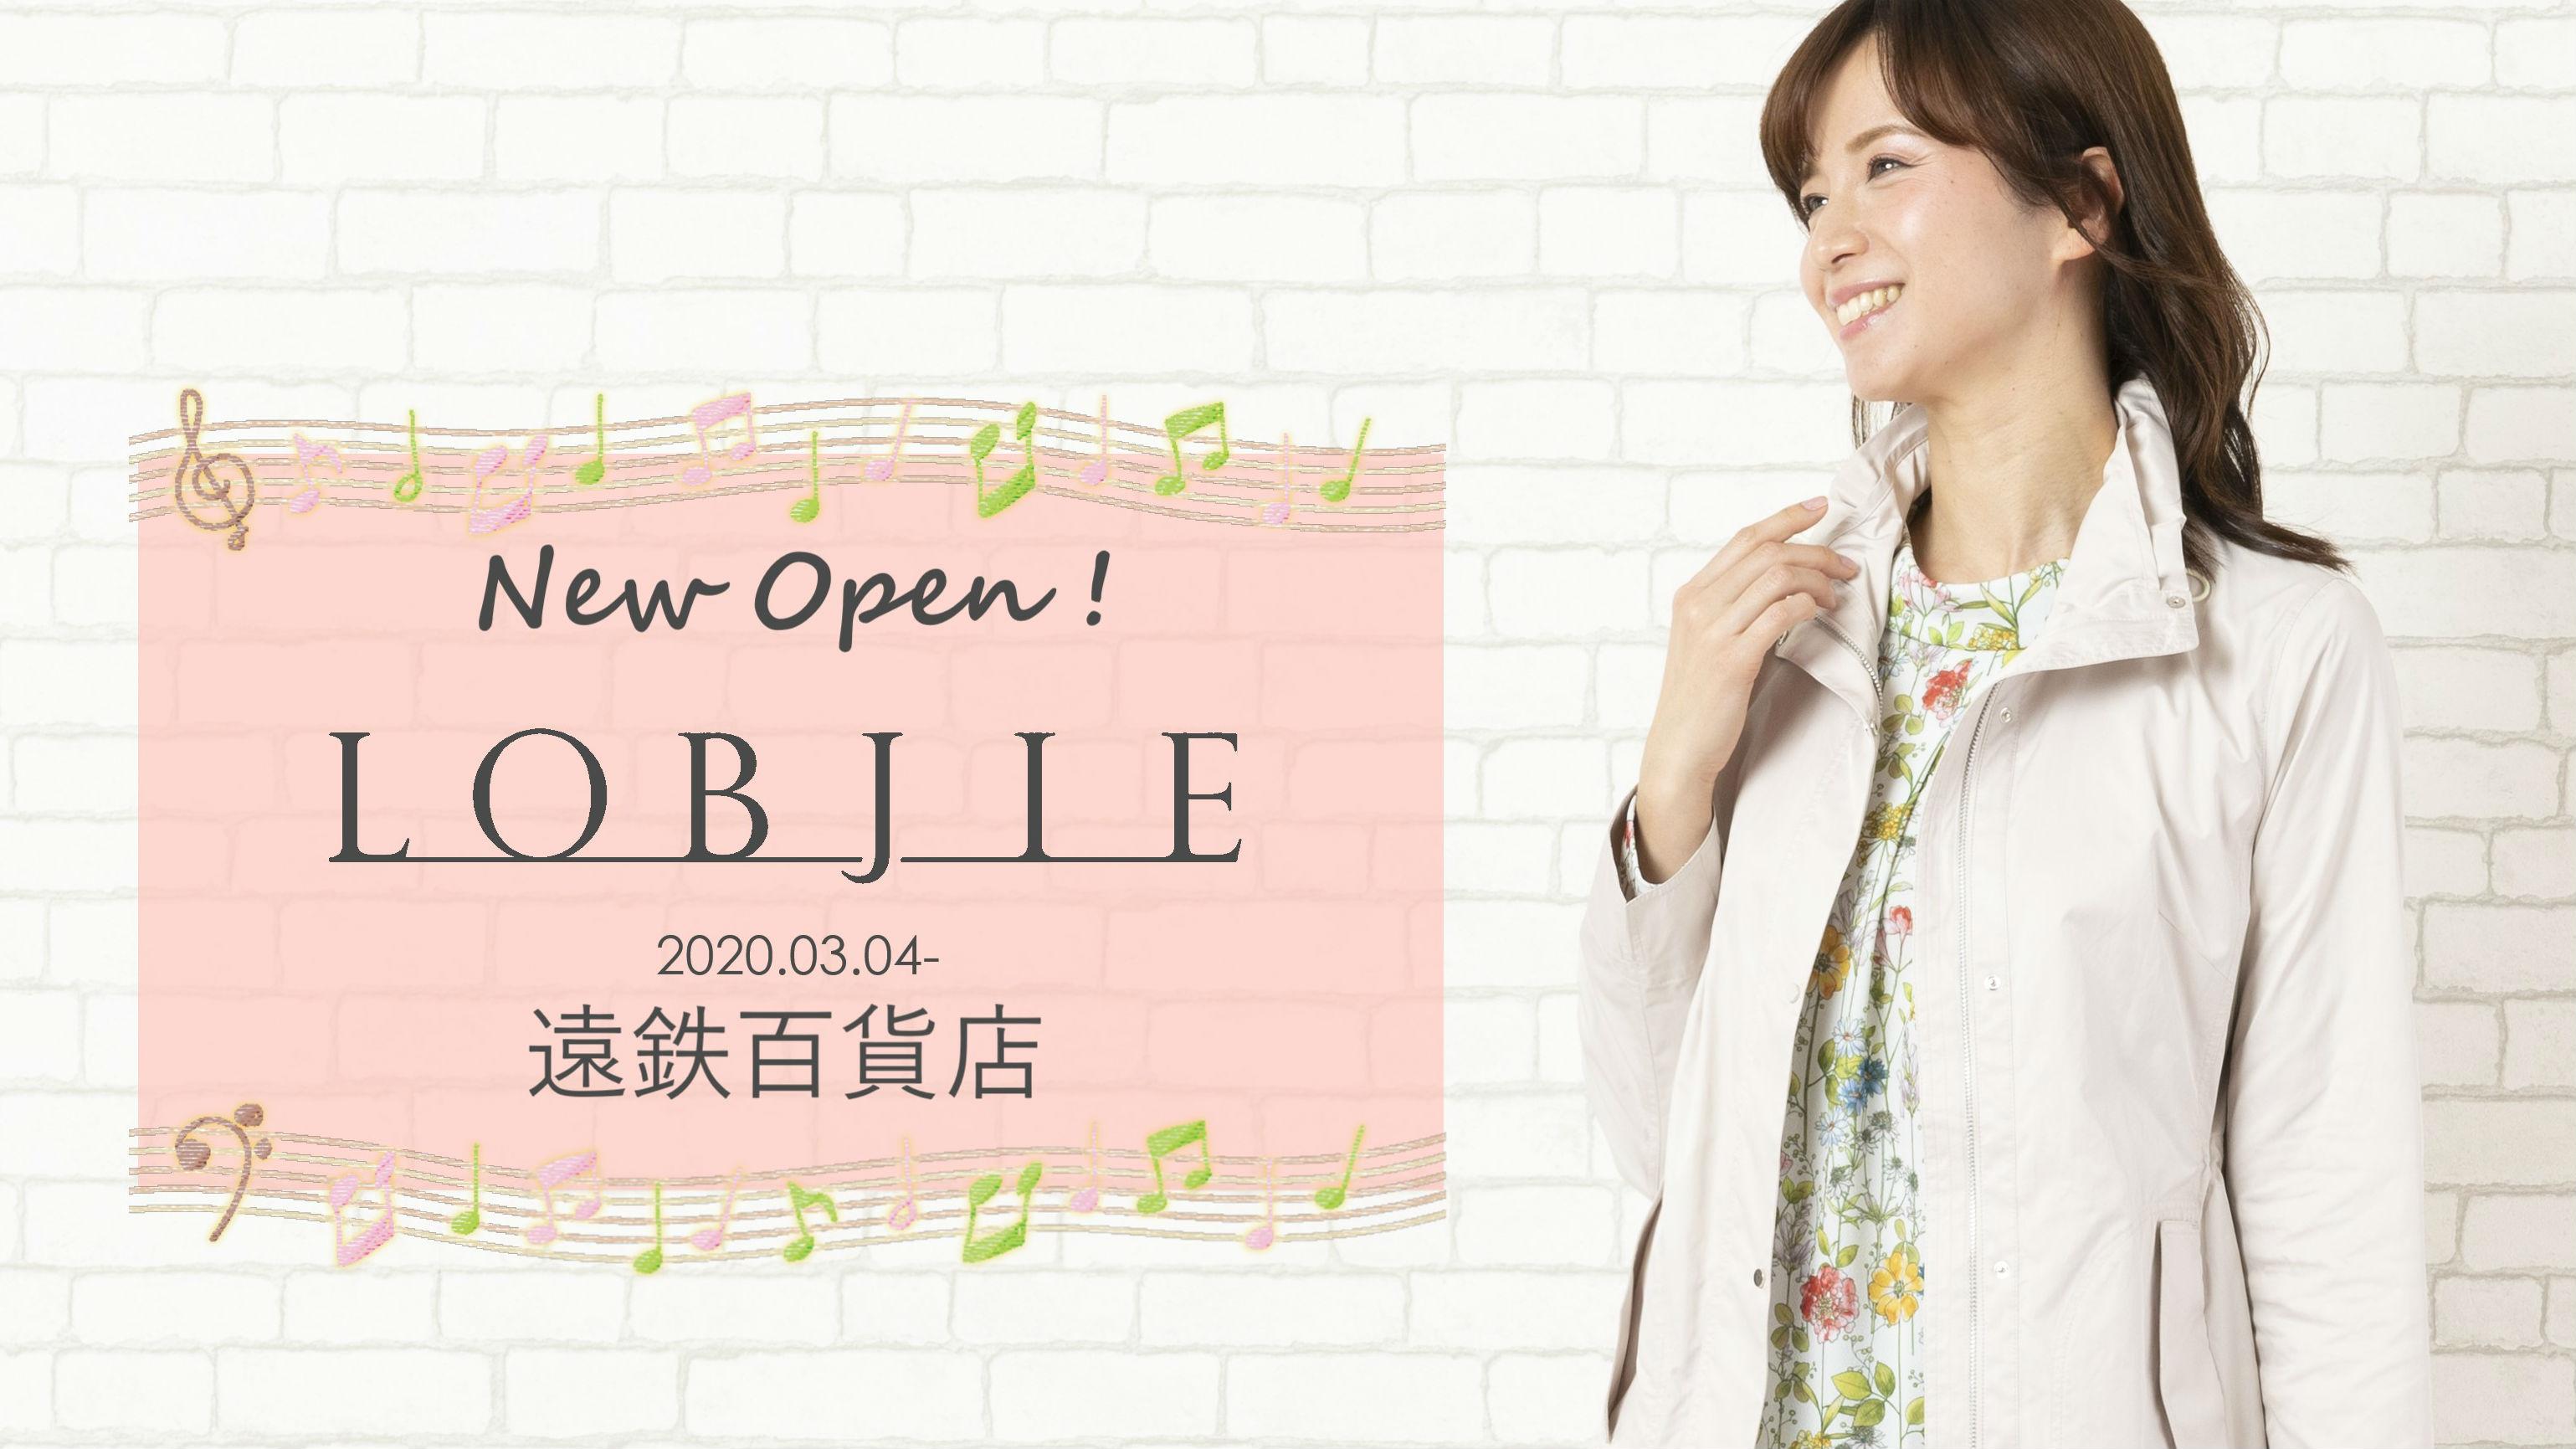 [LOBJIE] New Open!遠鉄百貨店